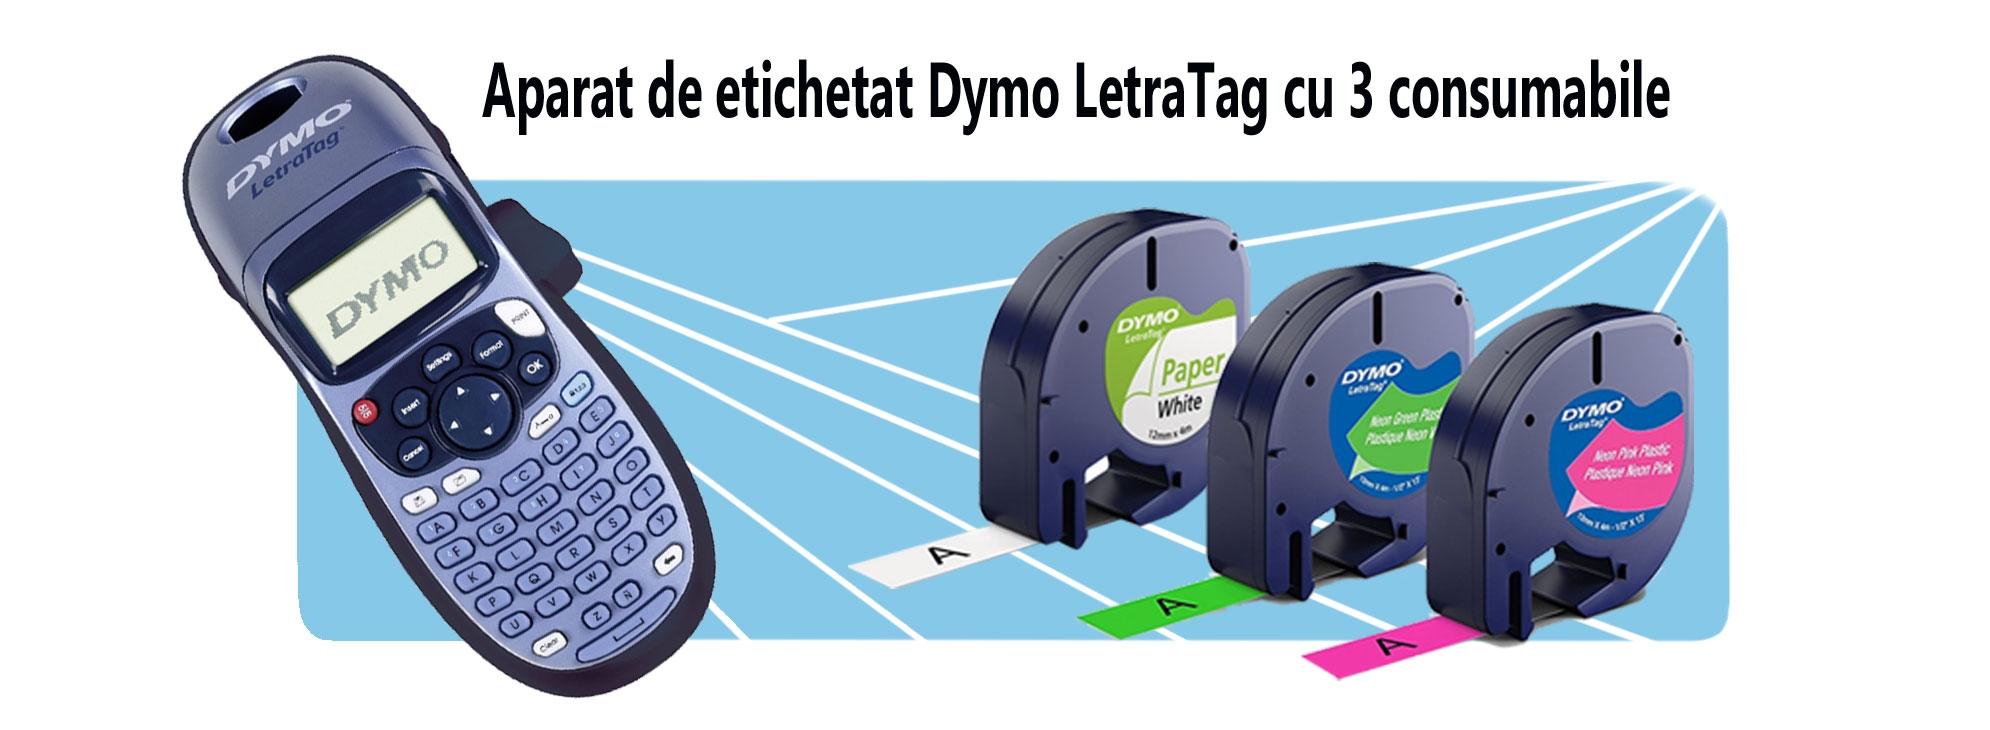 Aparat-de-etichetat-Dymo-LetraTag-cu-3-consumabile